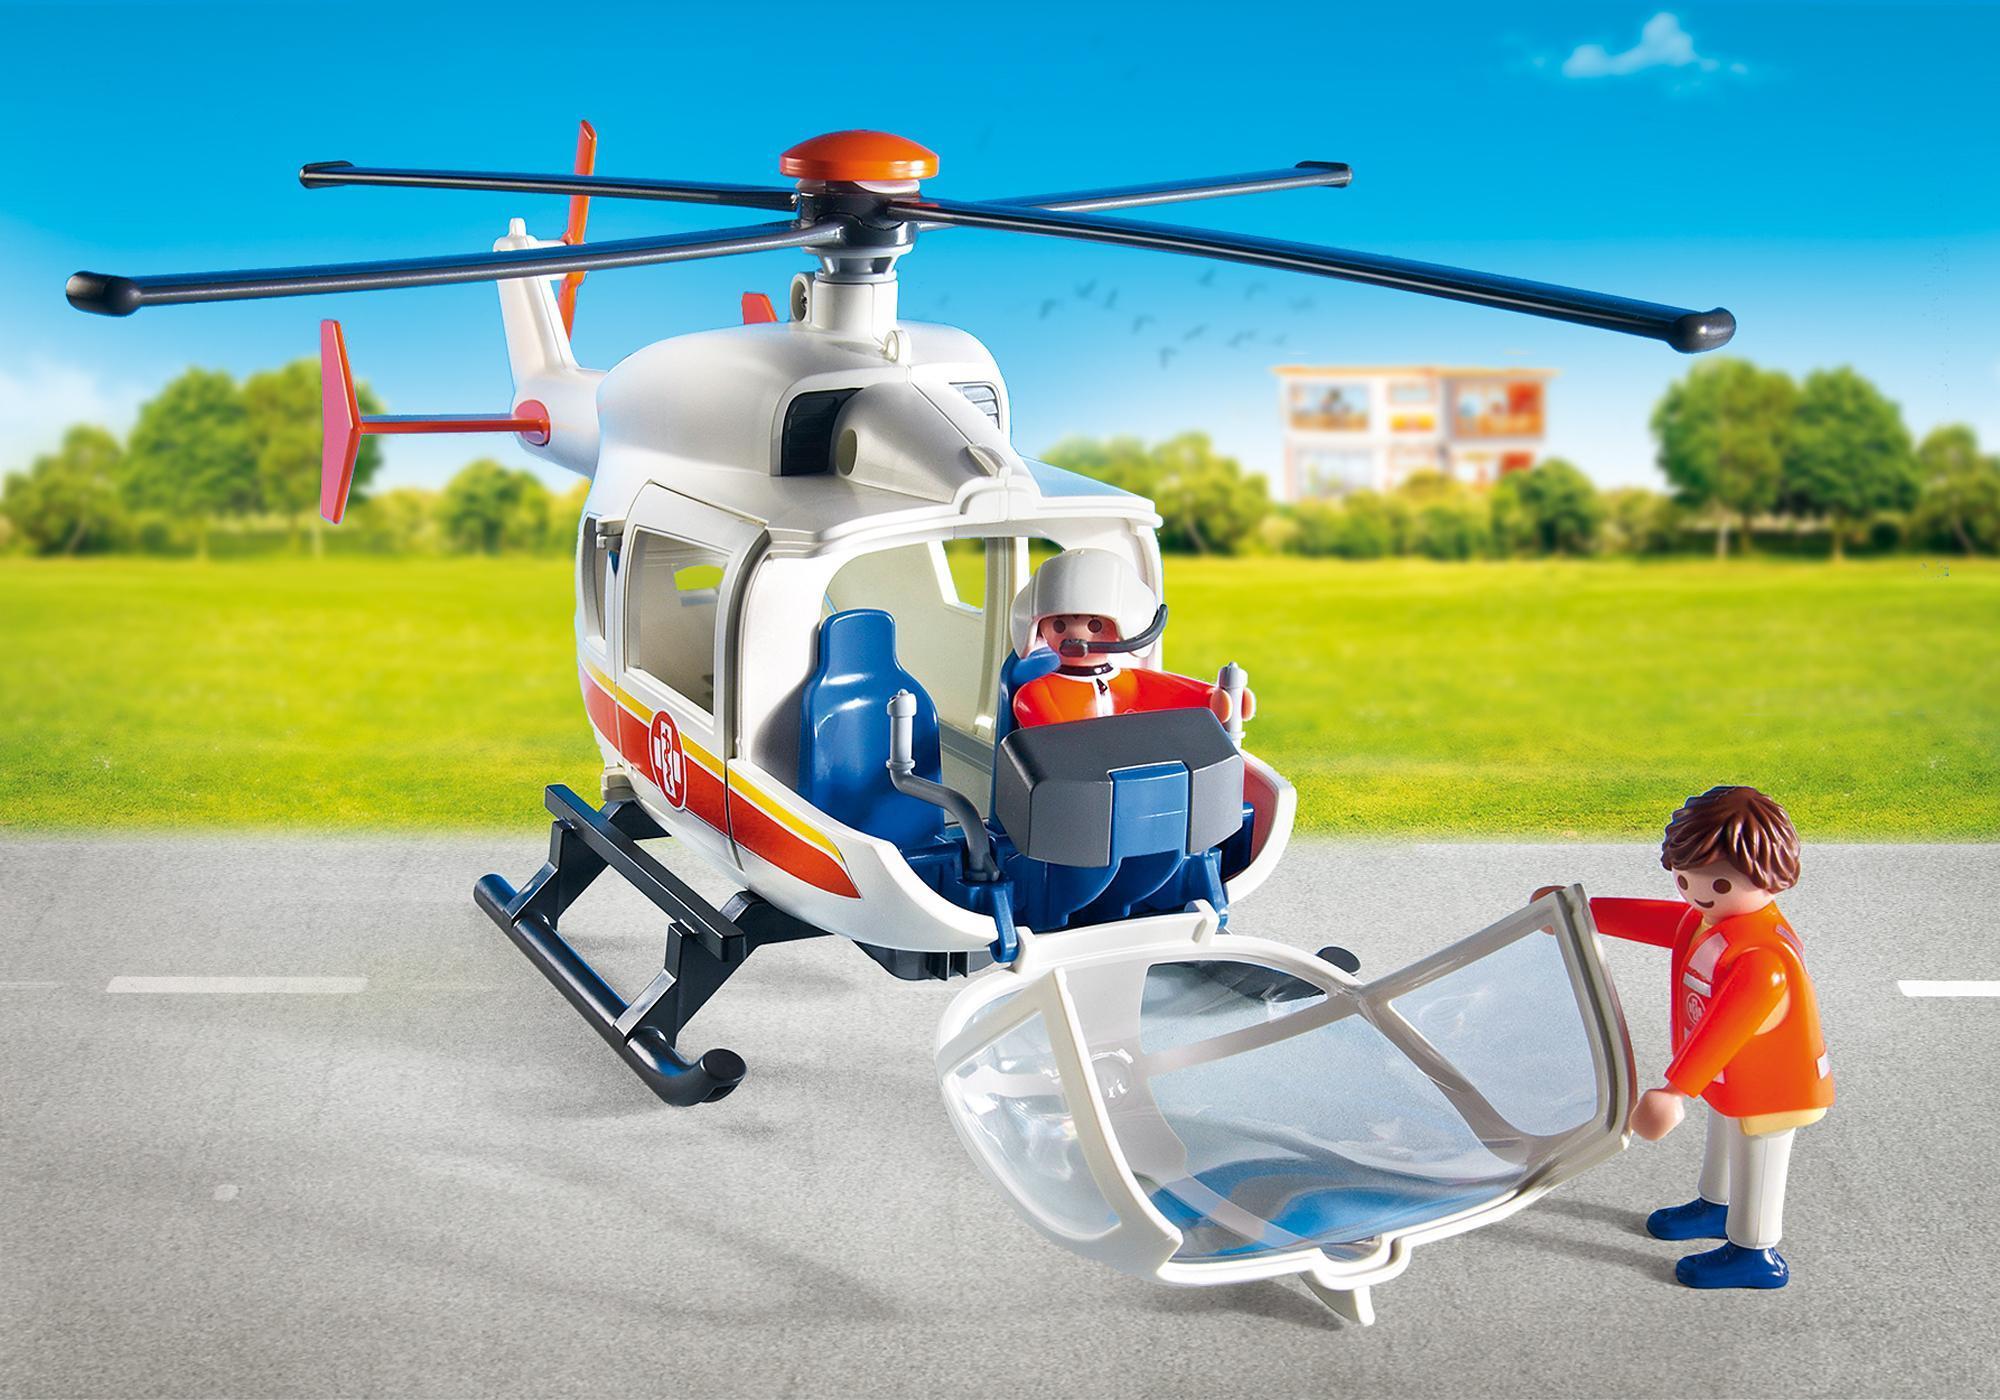 http://media.playmobil.com/i/playmobil/6686_product_extra1/Hélicoptère médical